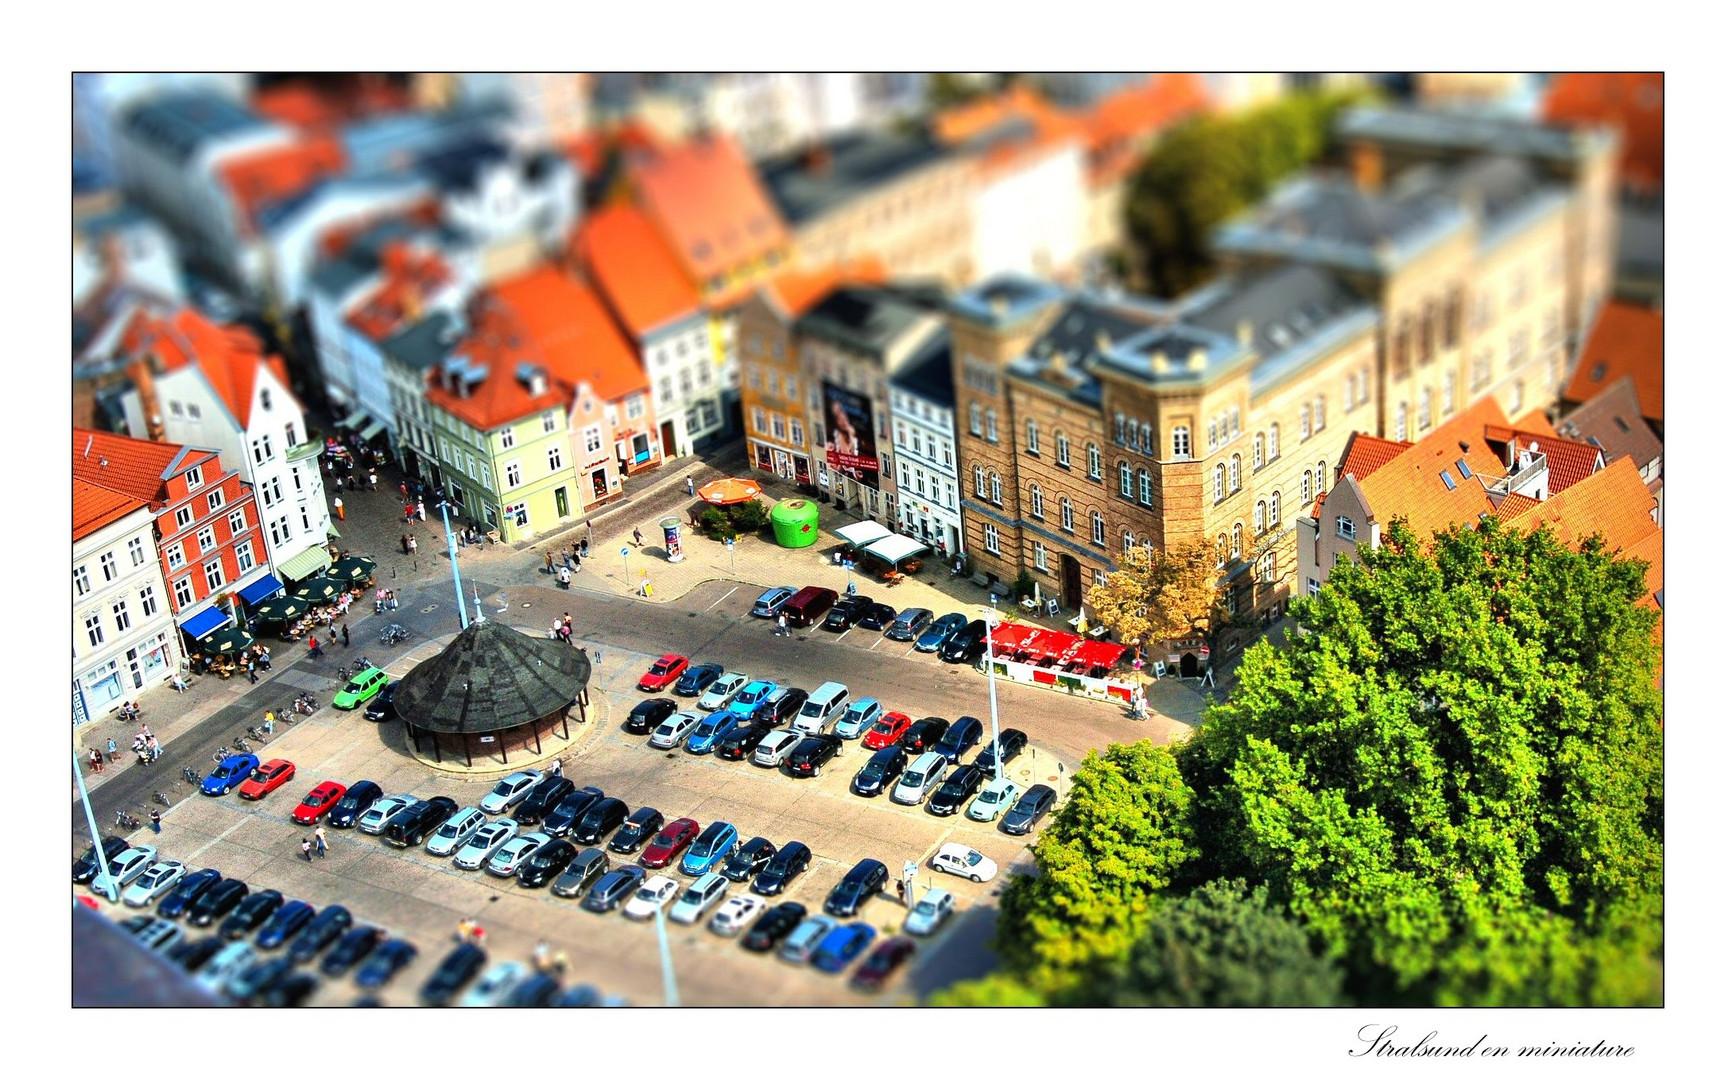 Stralsund en miniature